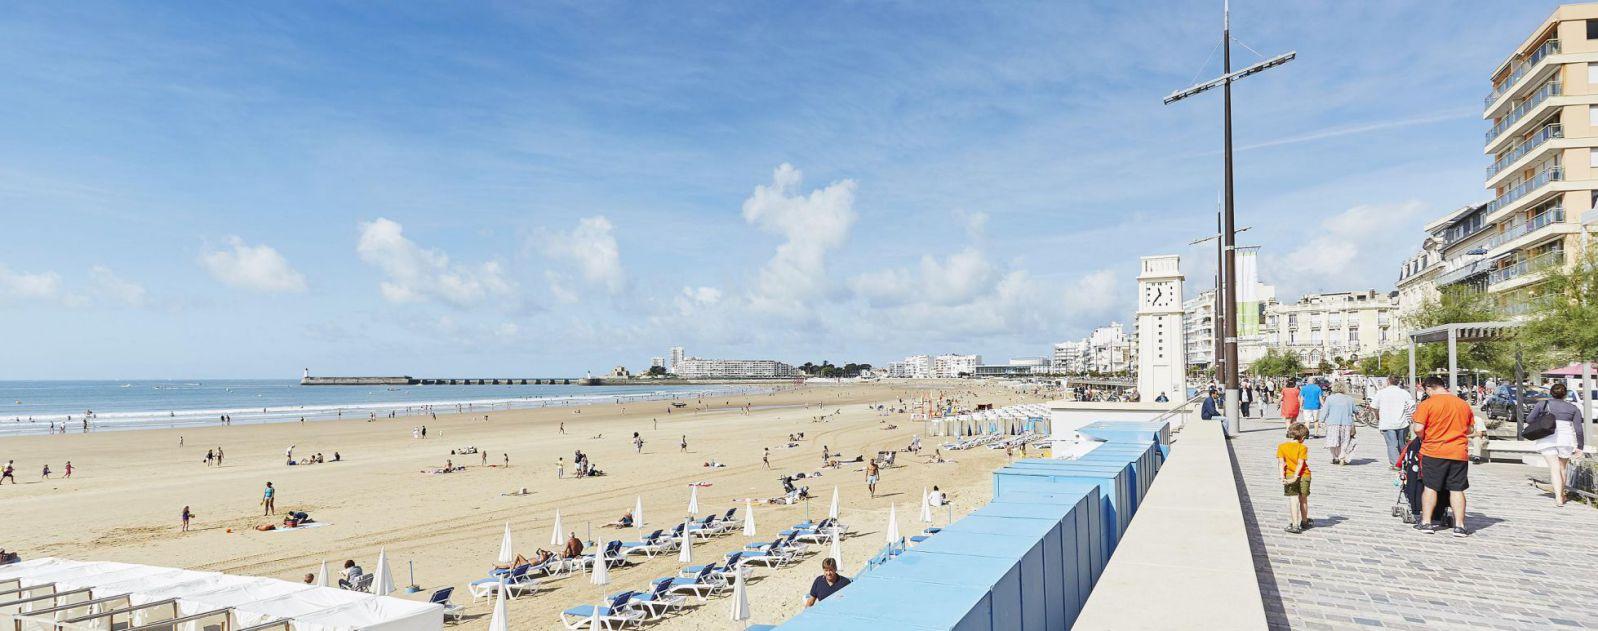 Sables-d'Olonne : une station balnéaire dédiée aux vacances